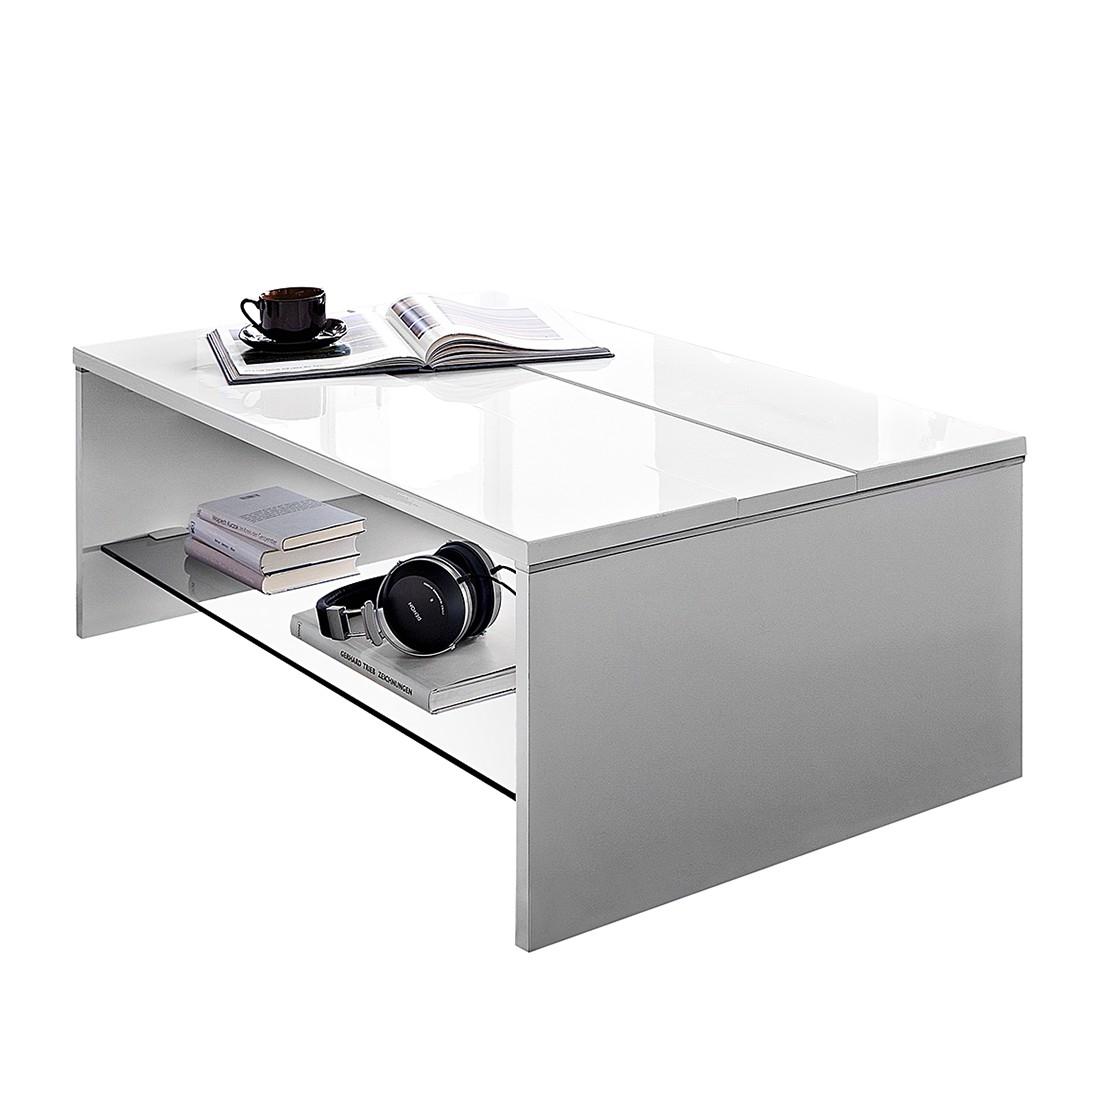 Table basse WhiteStar - Blanc brillant, roomscape